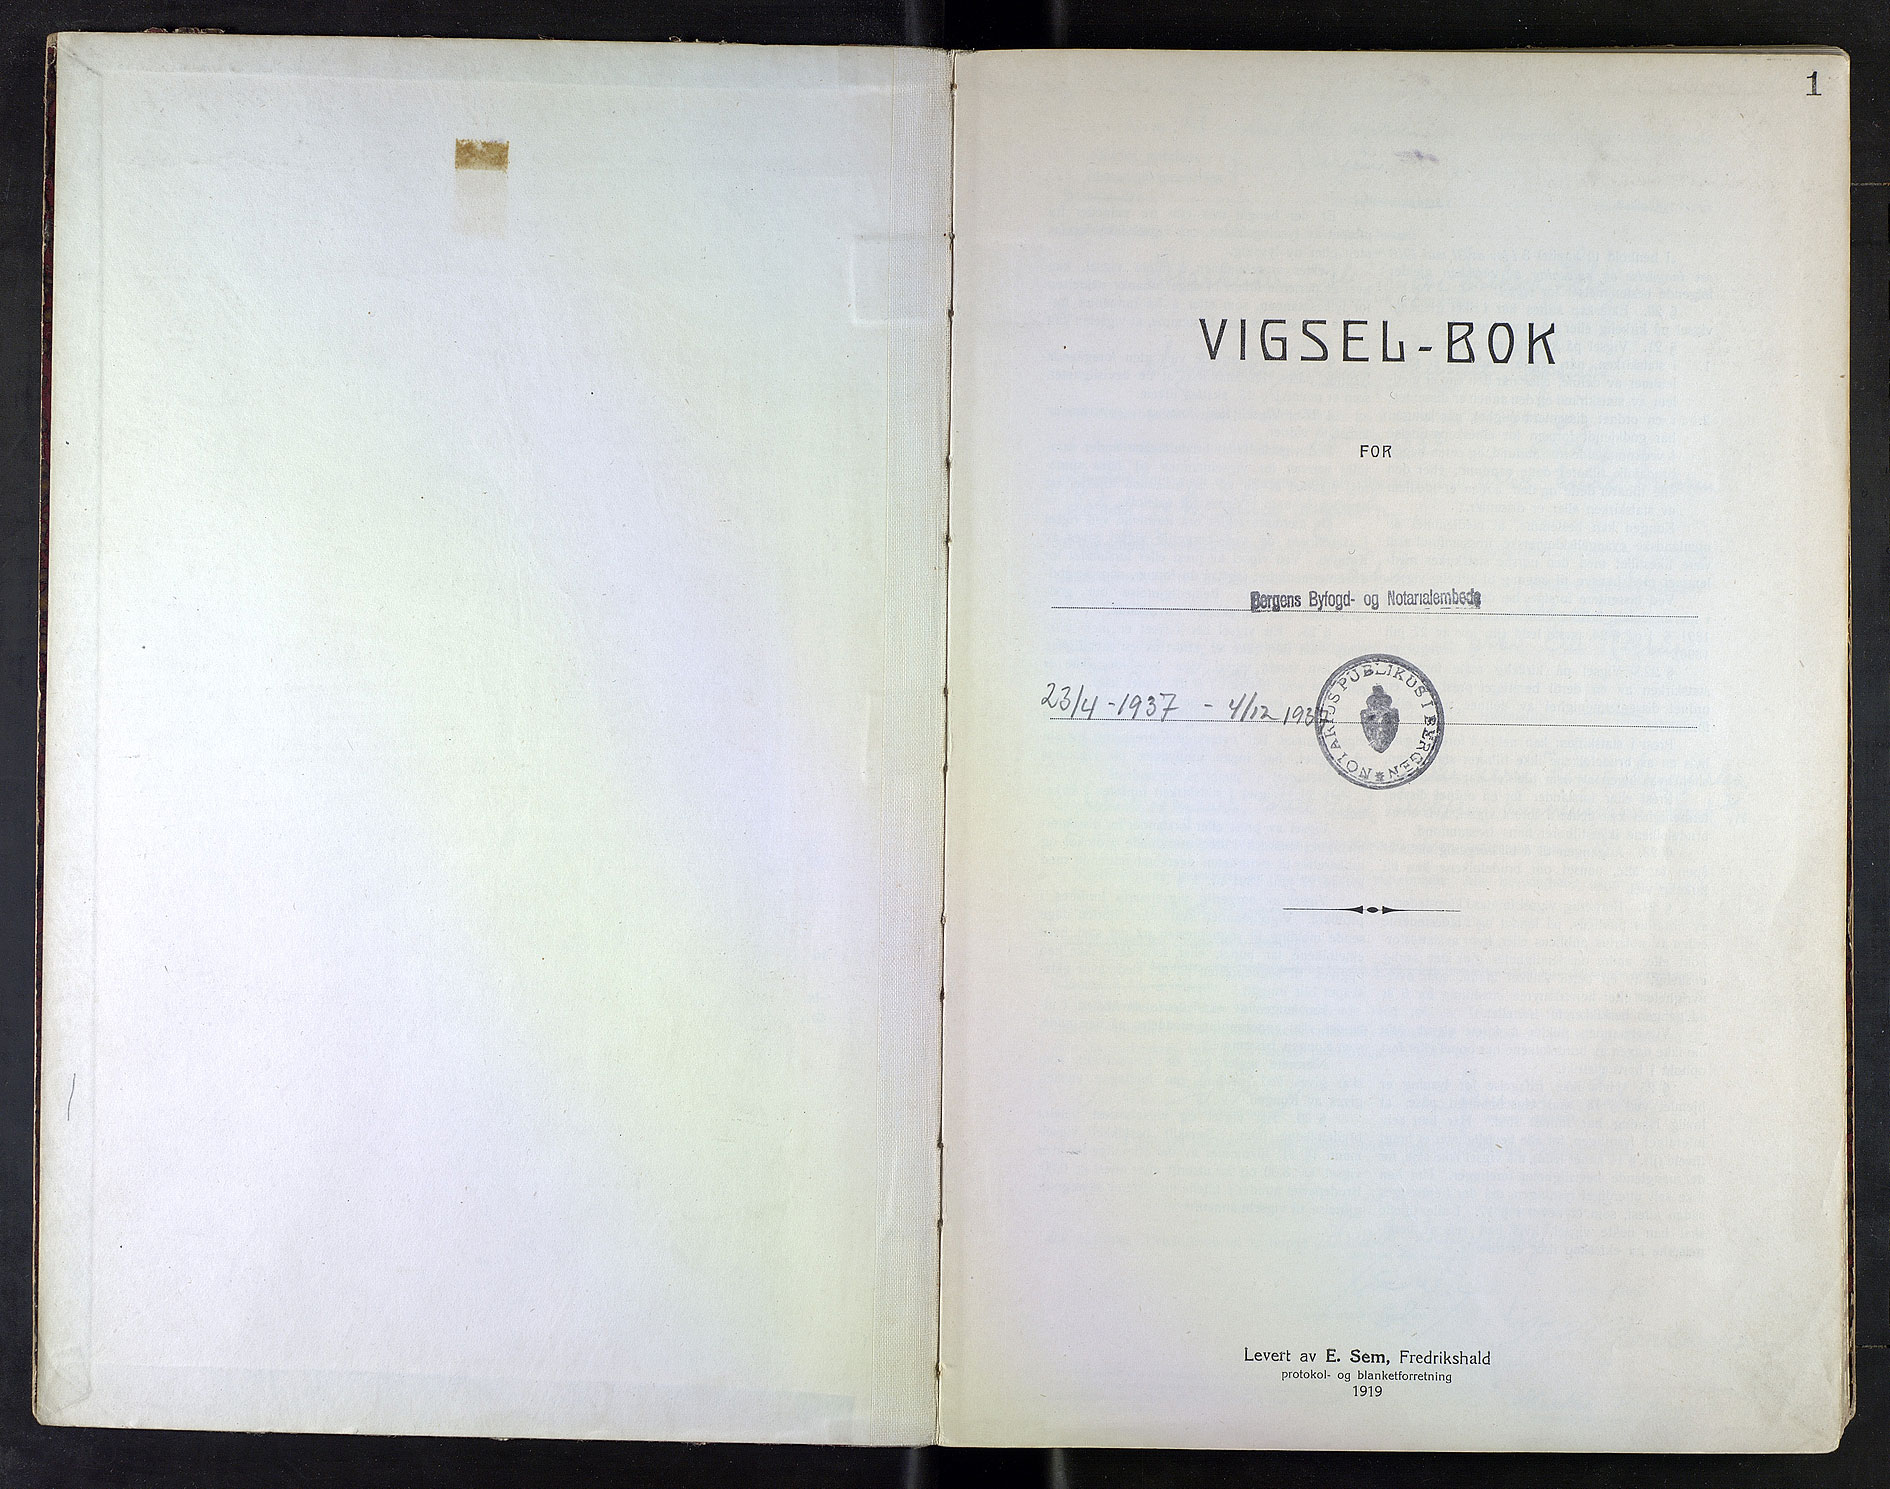 SAB, Bergen byfogd og byskriver*, 1937, s. 1a